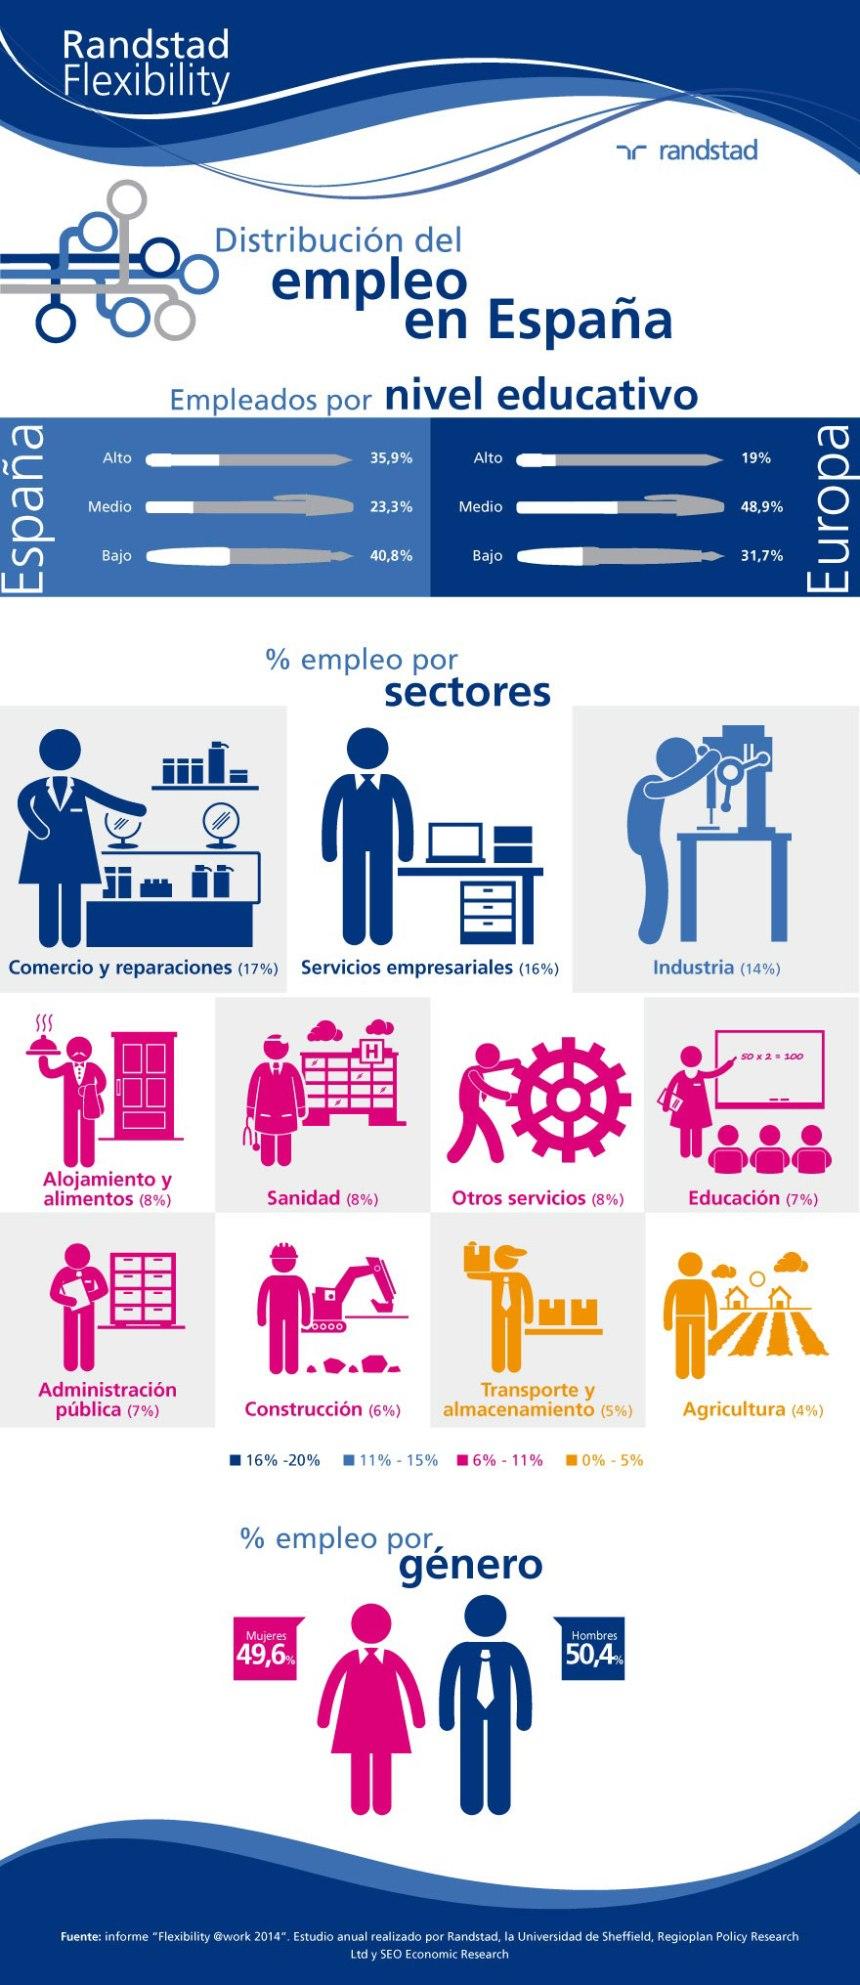 Distribución del empleo en España